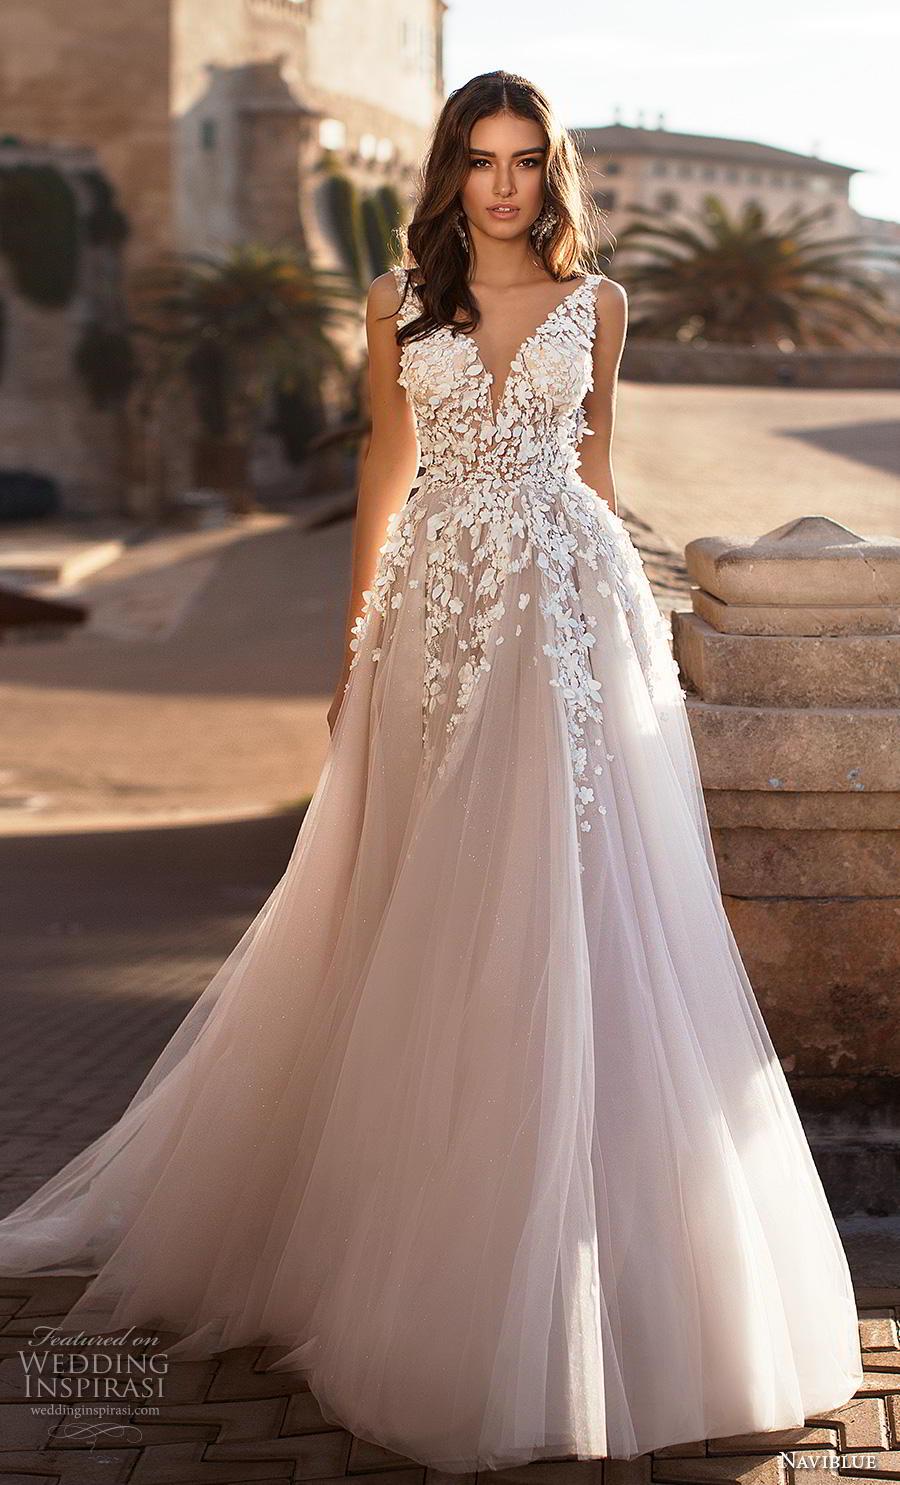 Naviblue 2019 Wedding Dresses Dolly Collection Crazyforus